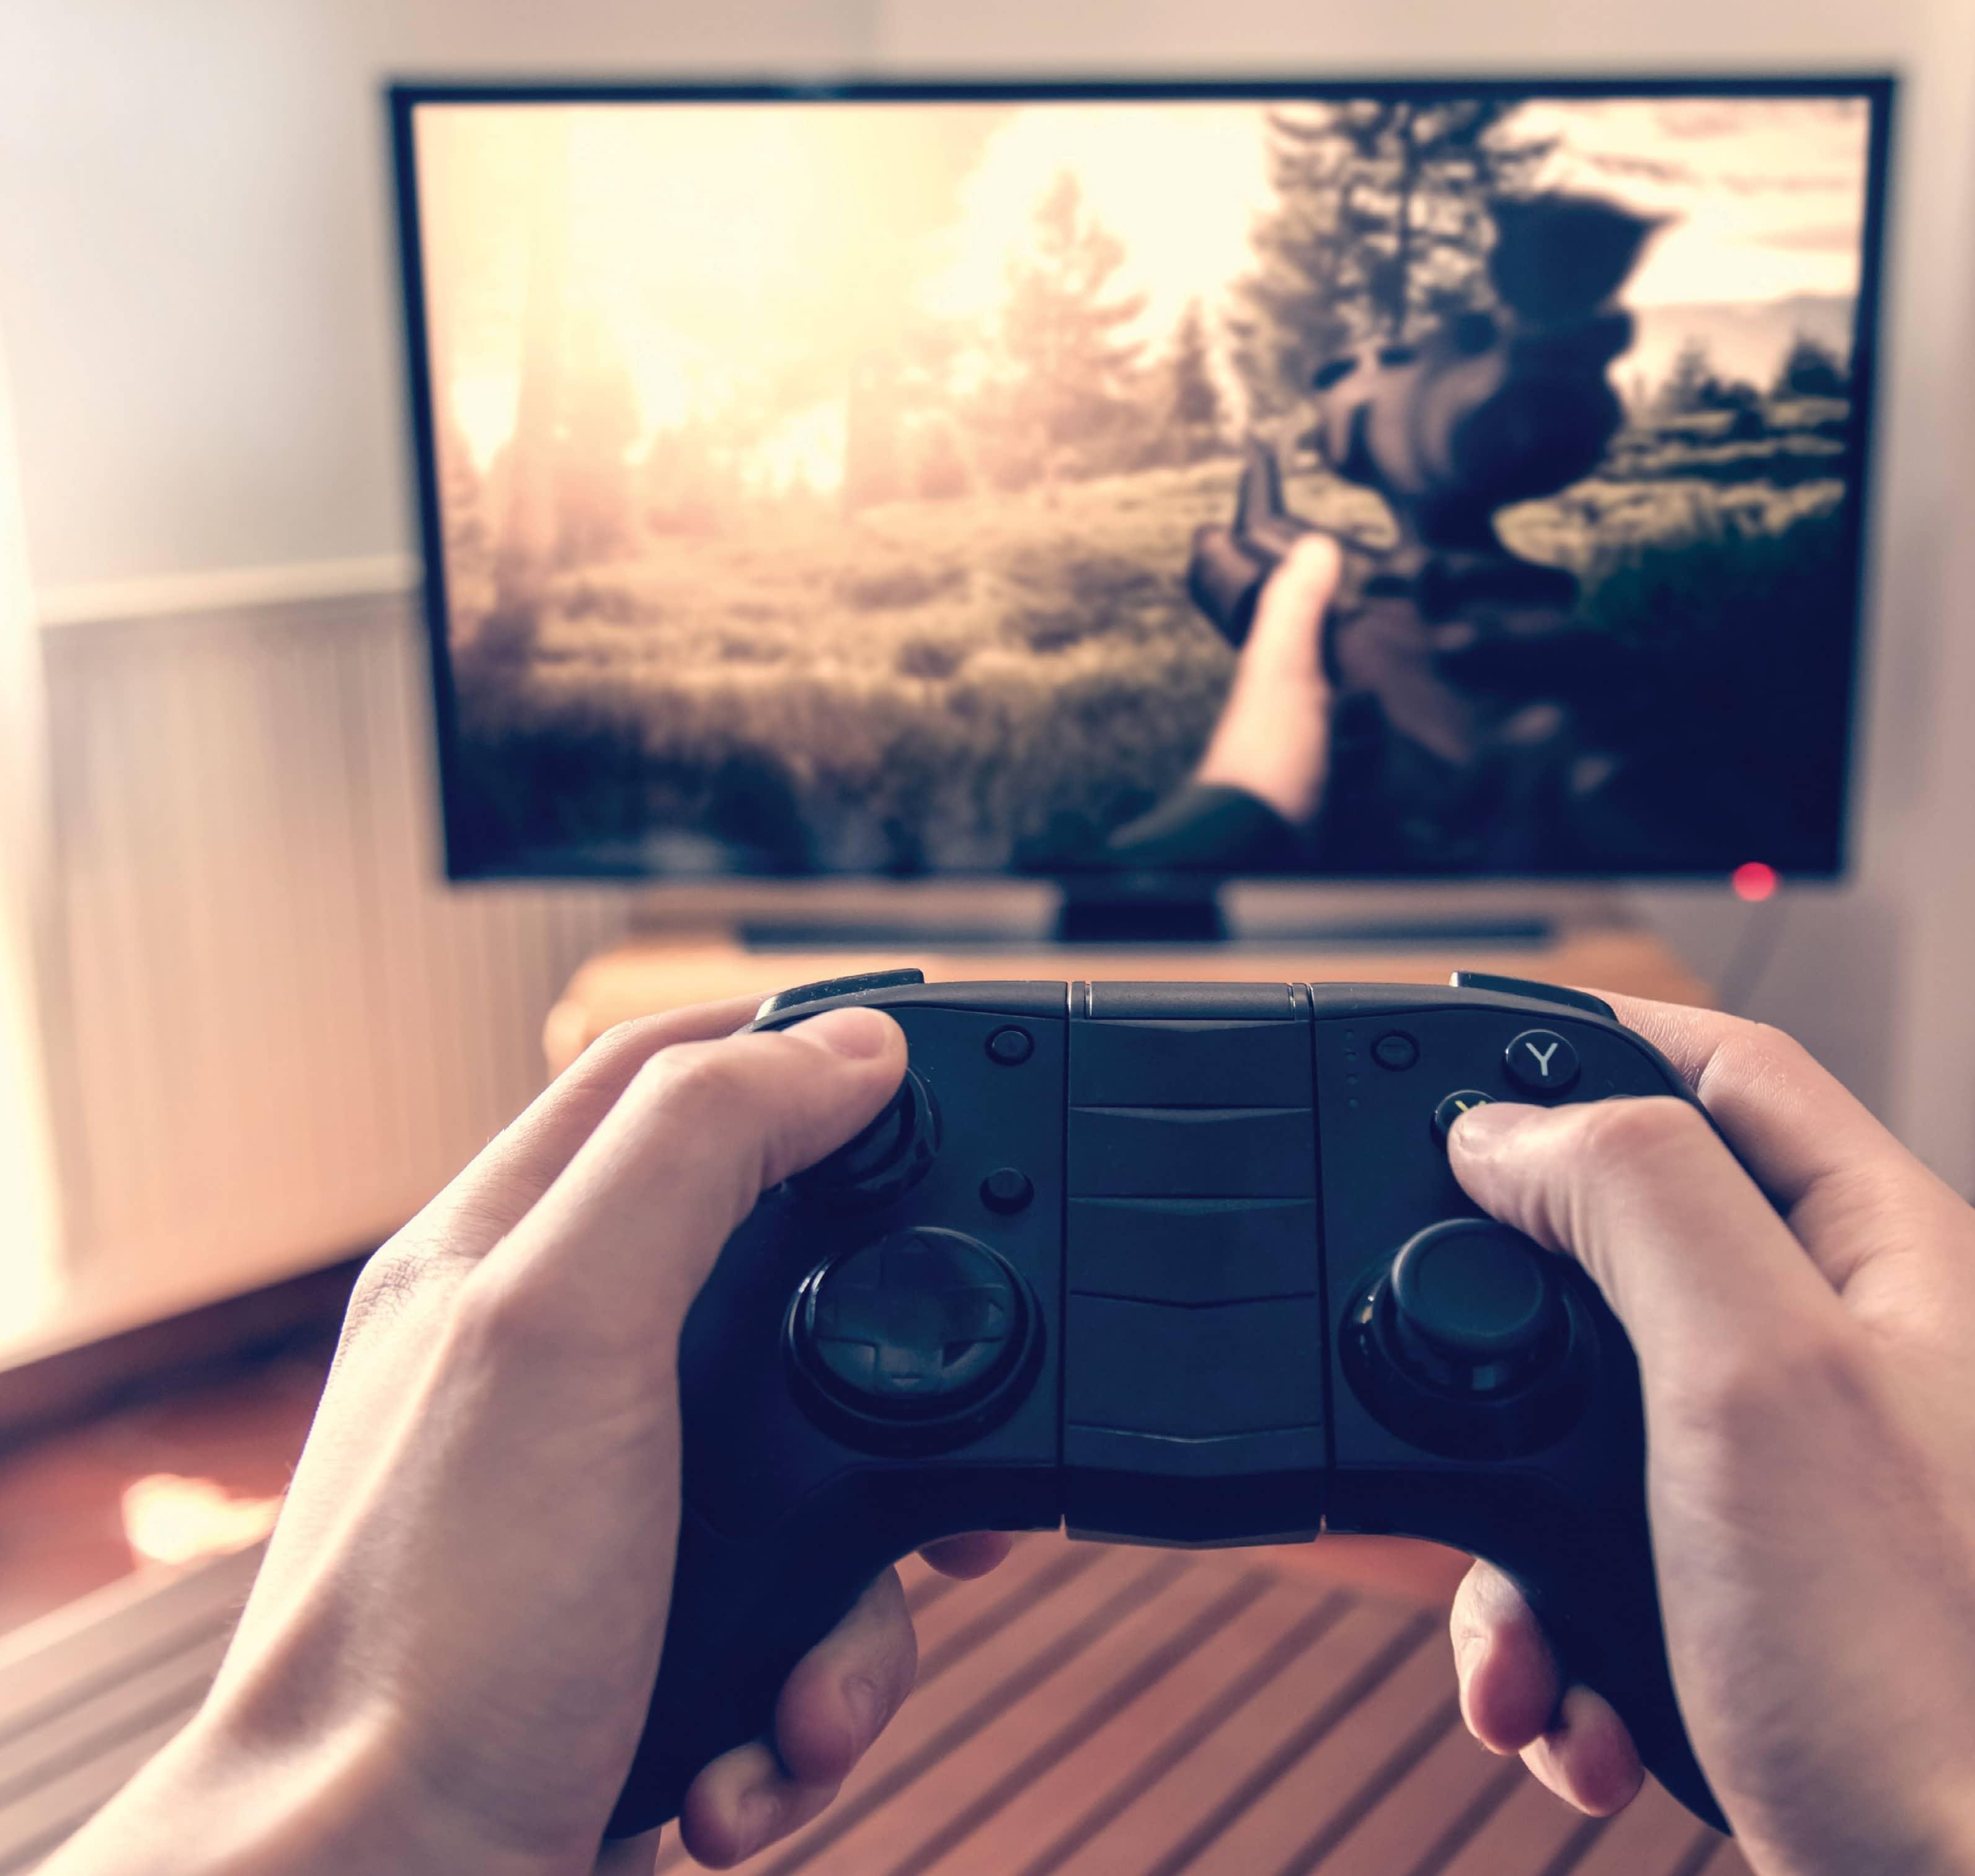 Cloud Gaming: Dream Or Nightmare?